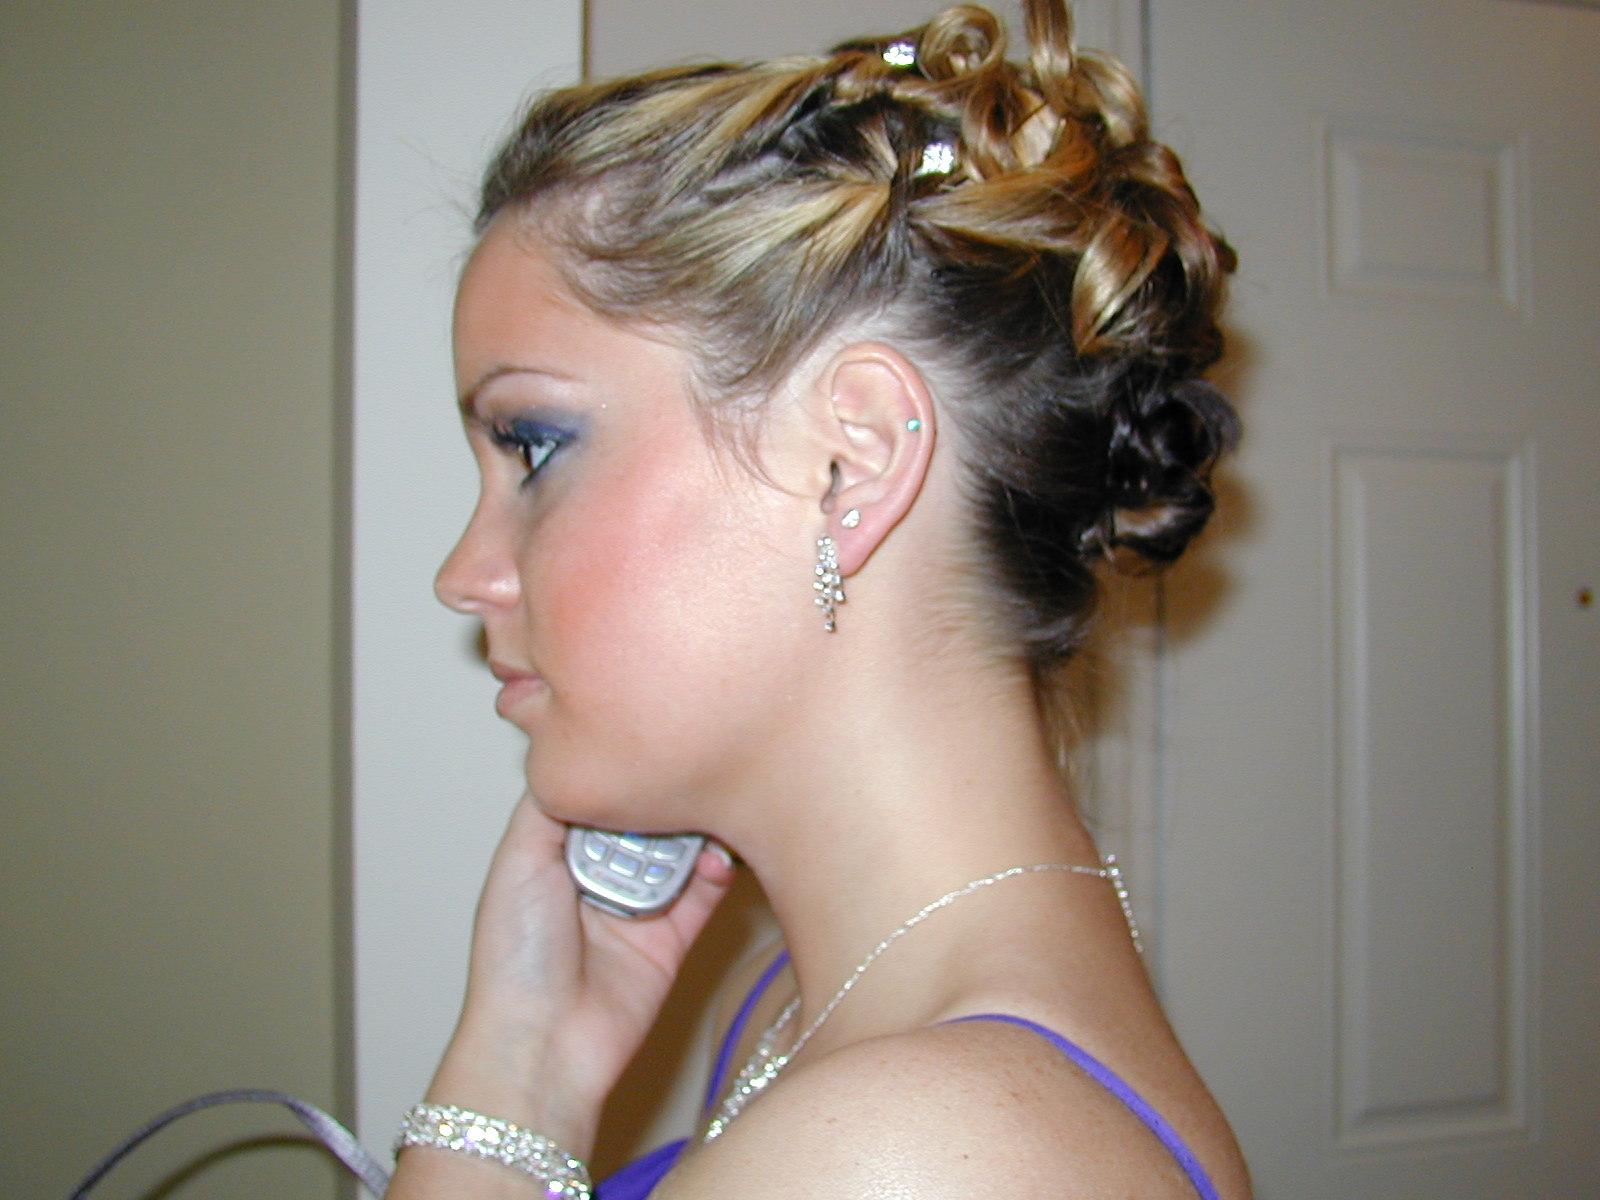 http://3.bp.blogspot.com/-Ft5fS8T6mS8/TlOoOH8YOZI/AAAAAAAAAJg/ZHwetD9FoNA/s1600/New%2BHair%2BStyles%2BFor%2BWomen%2B-25303_formal-hairstyles-2011-9.jpg